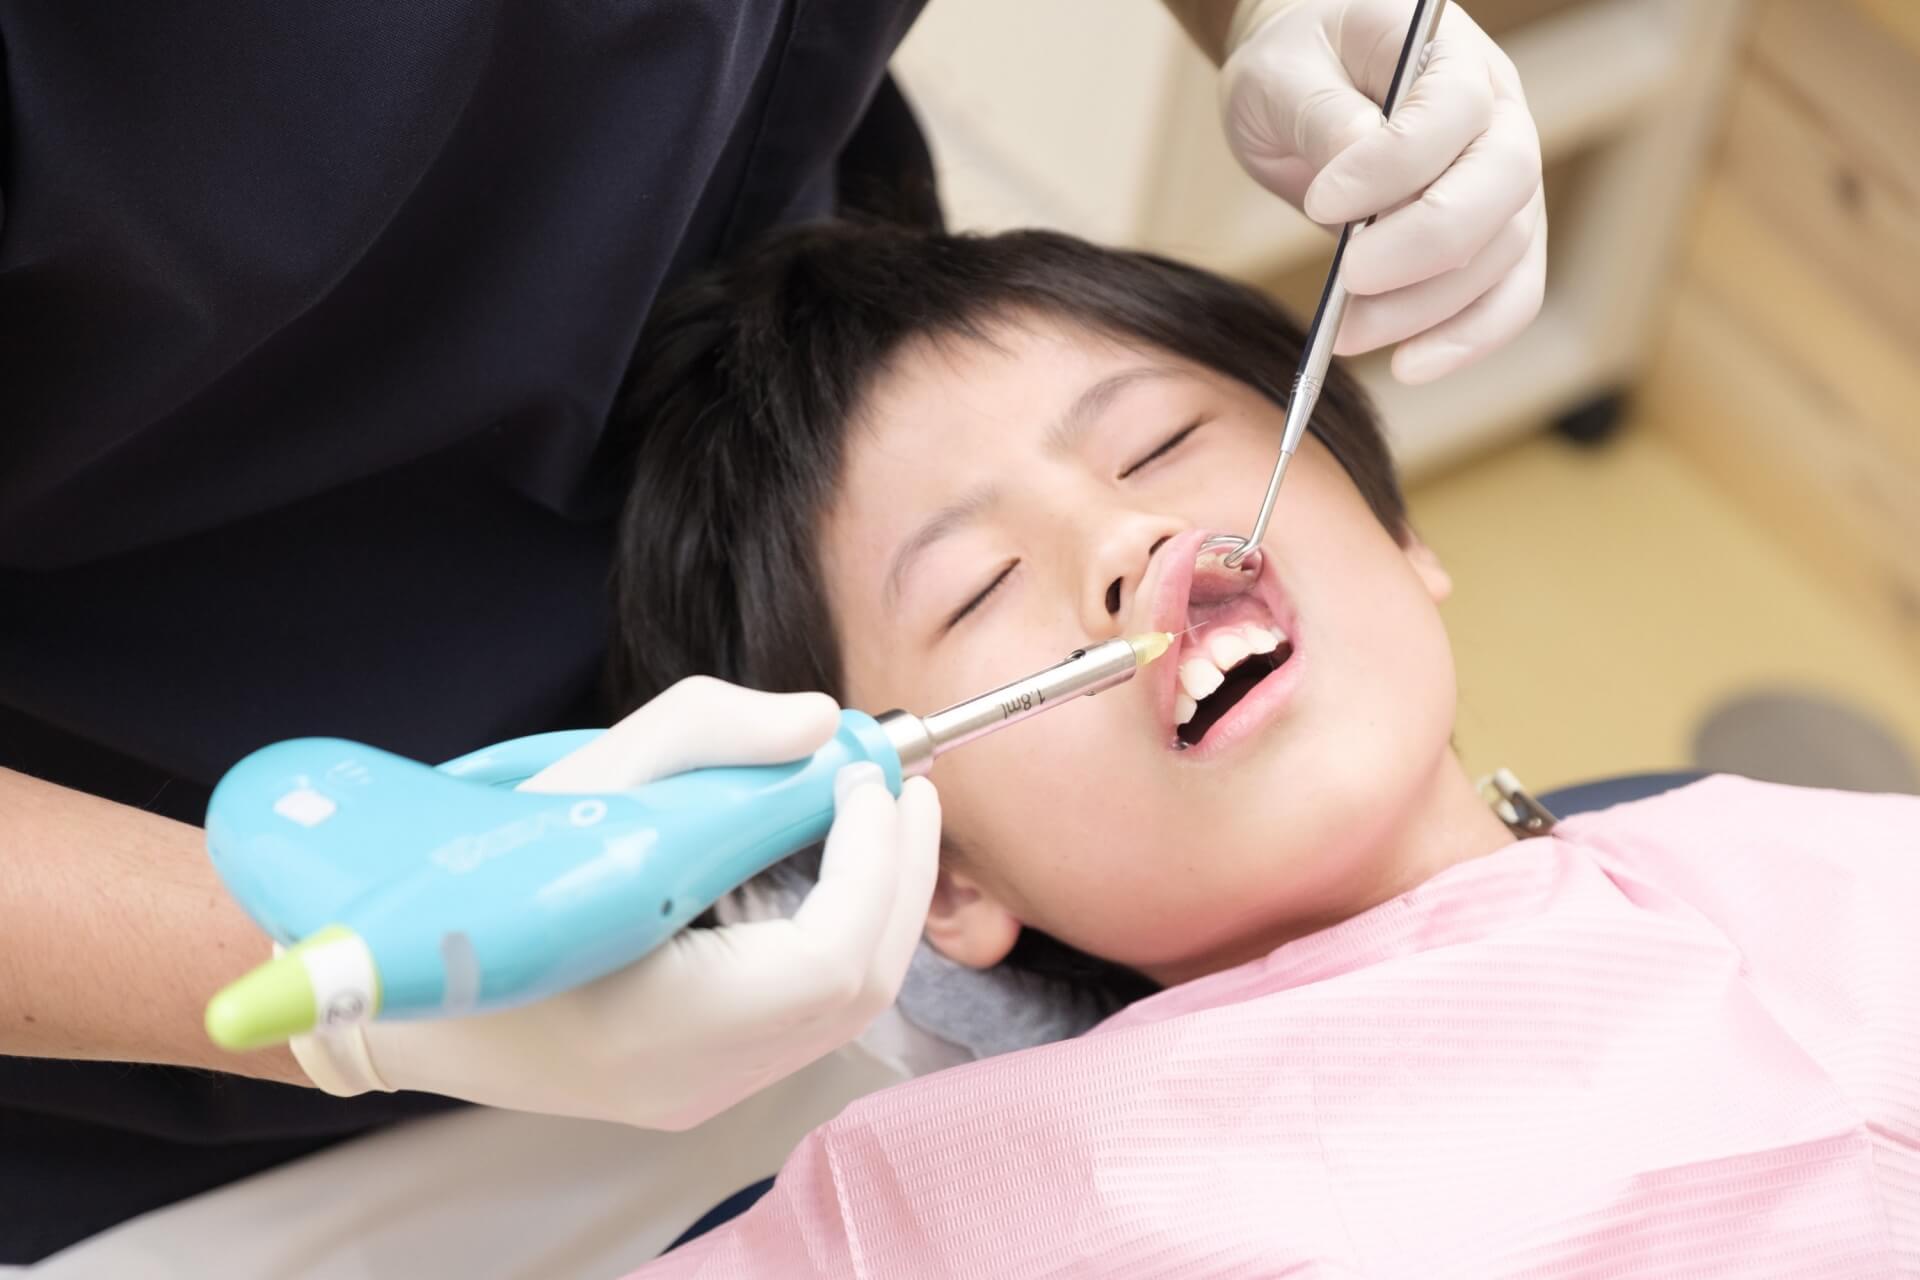 歯の局所麻酔の処置を受けている子供